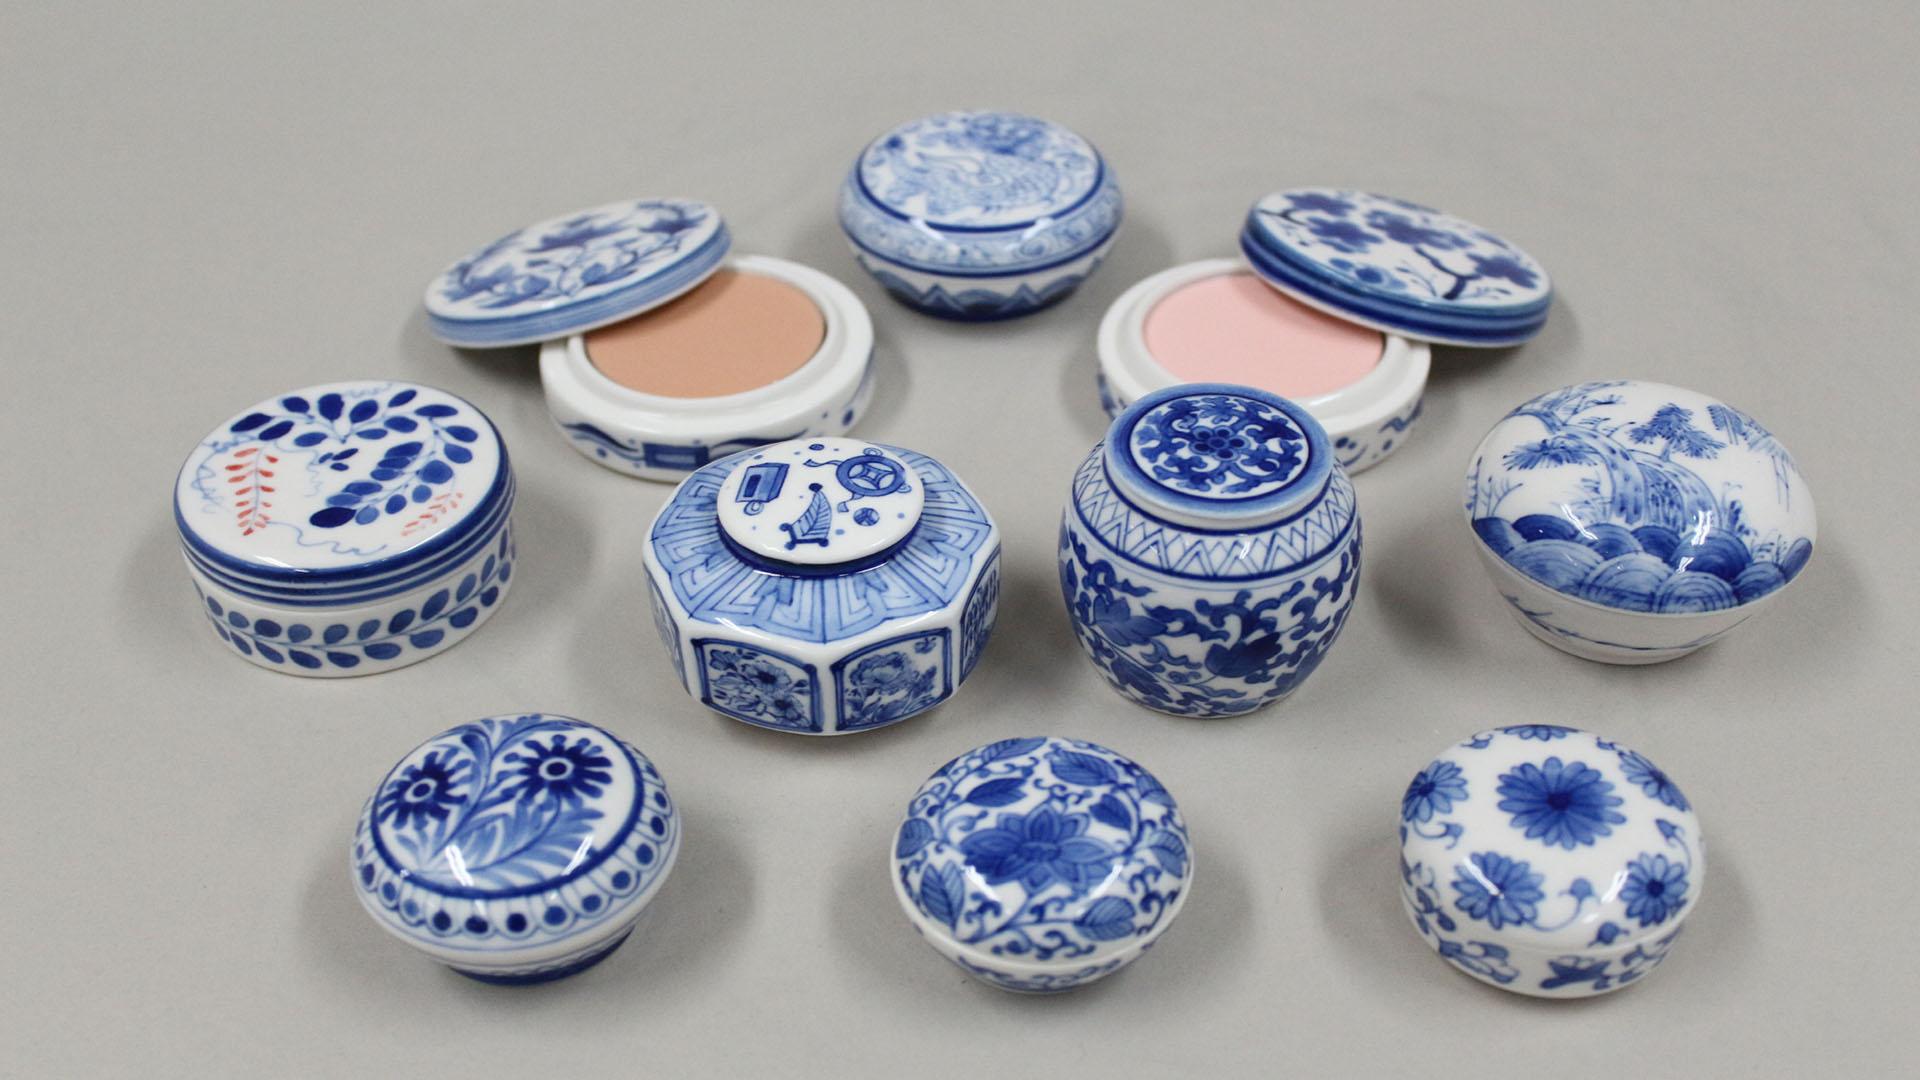 조선시대 공주의 화장품은?…270년 만에 재탄생